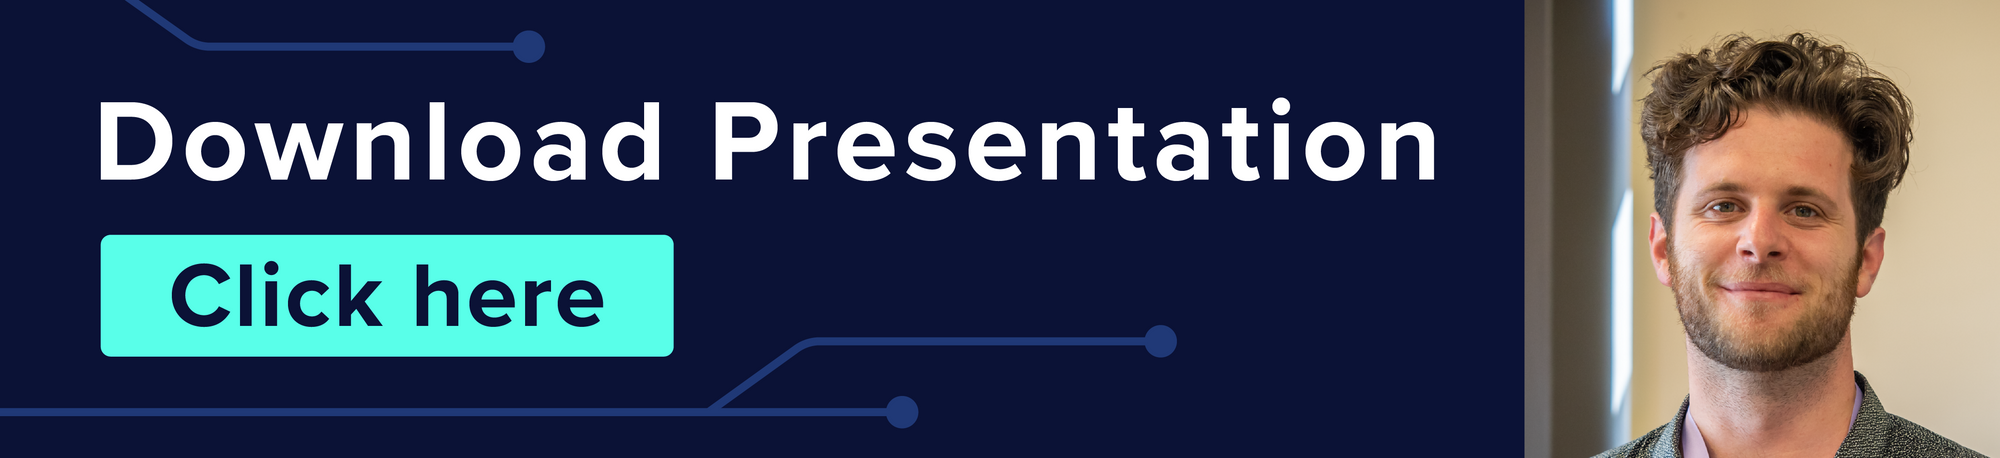 Paul-Mesarcik_Presentation-banner-05